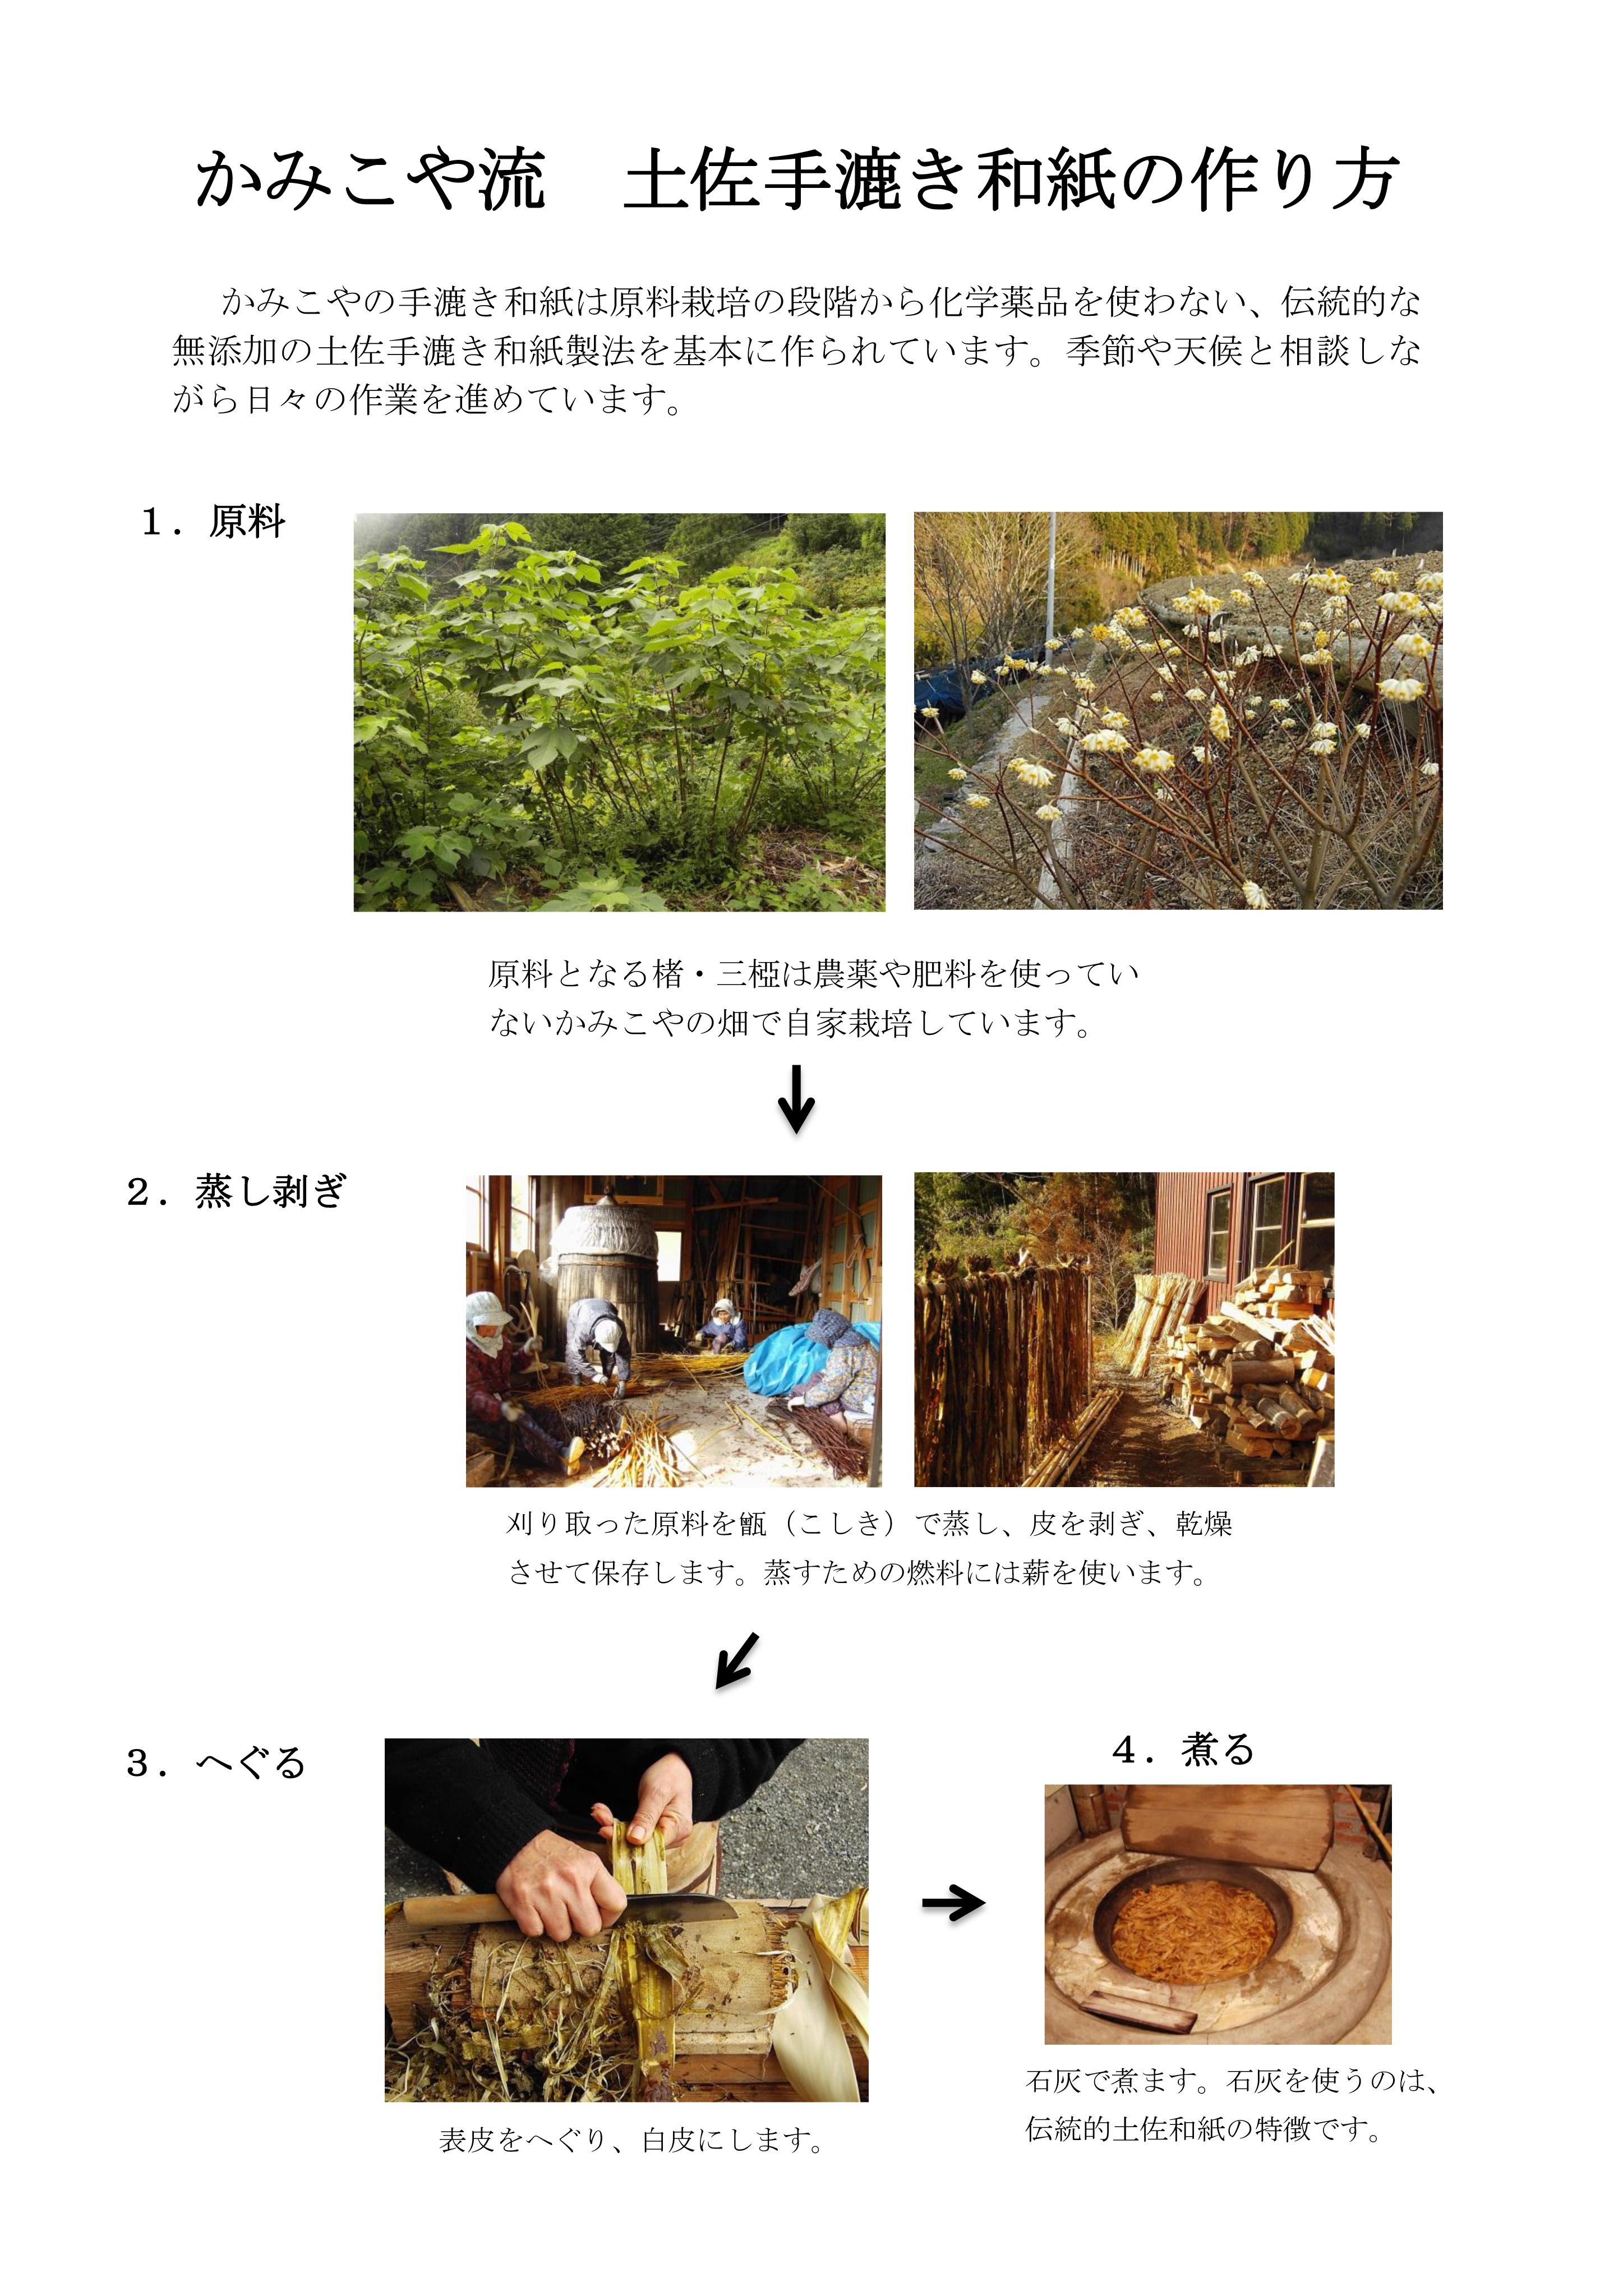 かみこや流 土佐手漉き和紙の作り方1のコピー